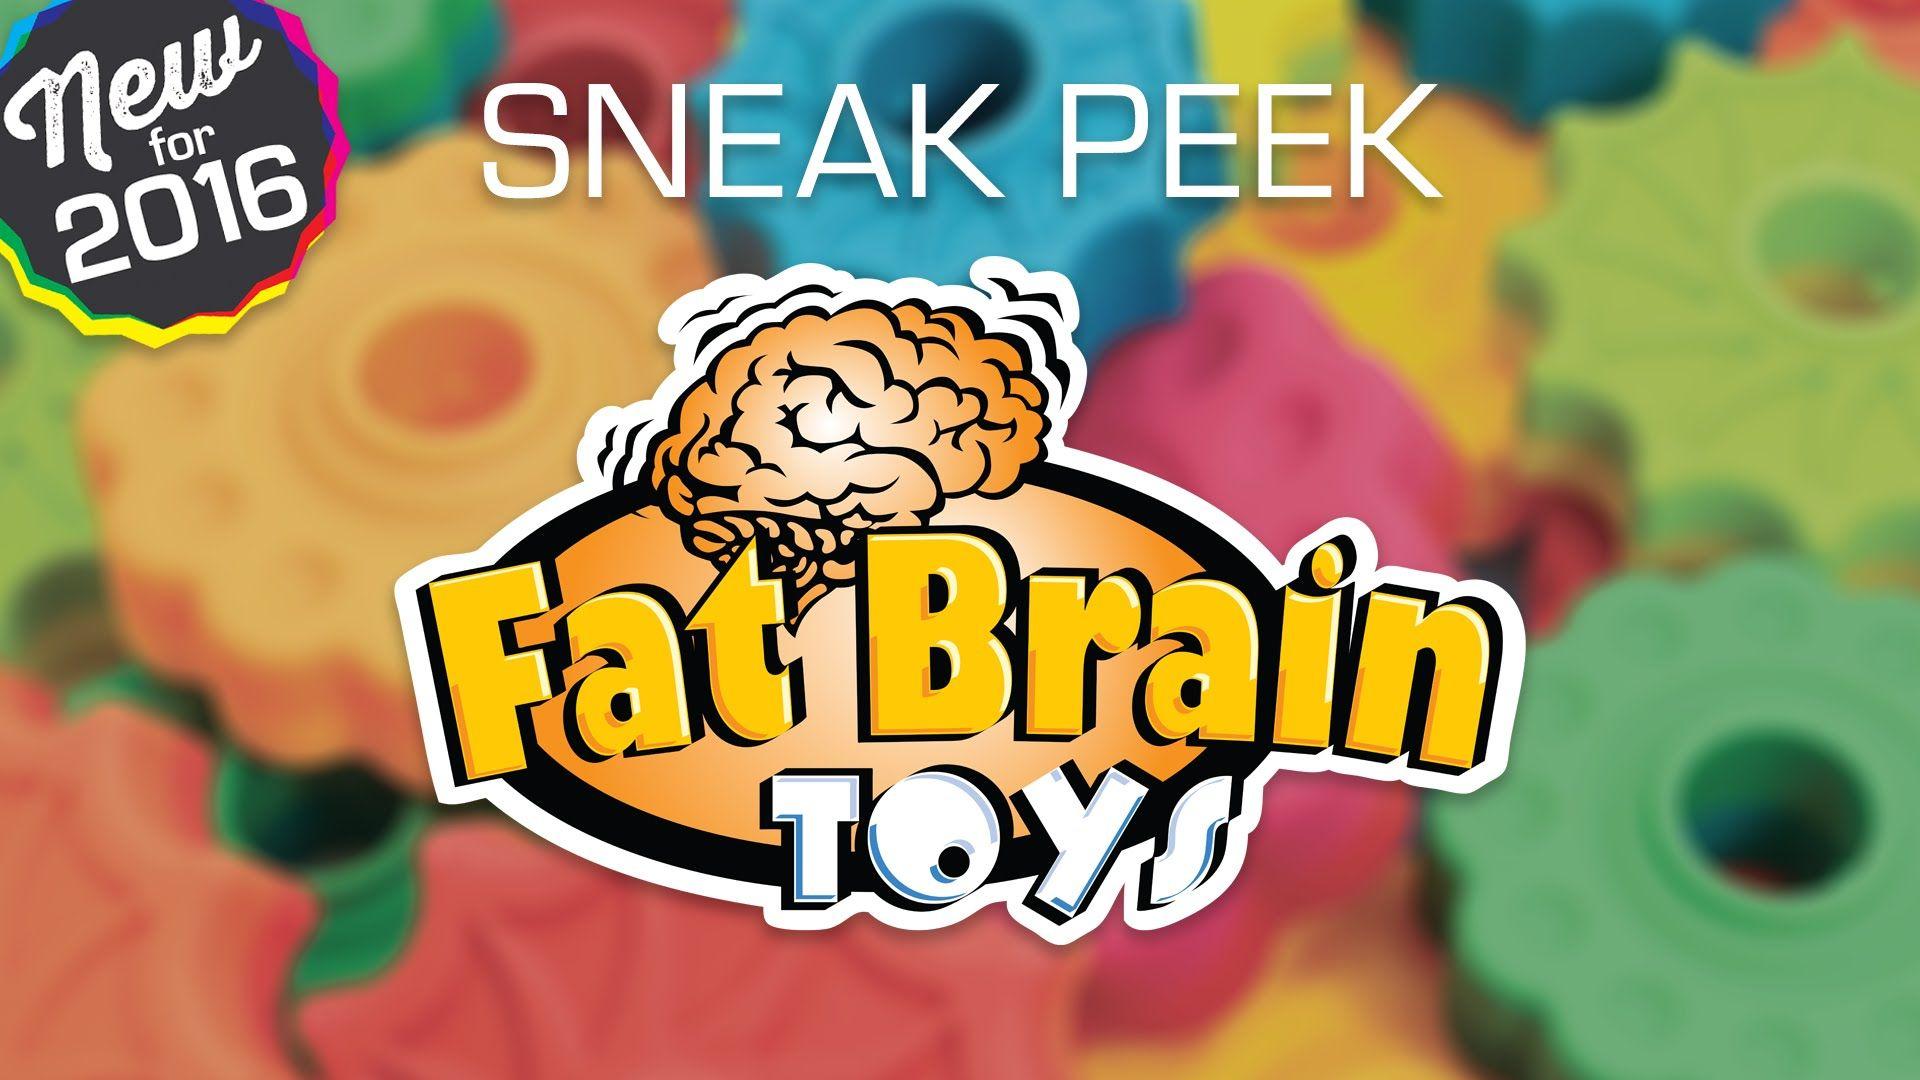 Best Toys at Toy Fair NY Fat Brain Toys 2016 Sneak Peek